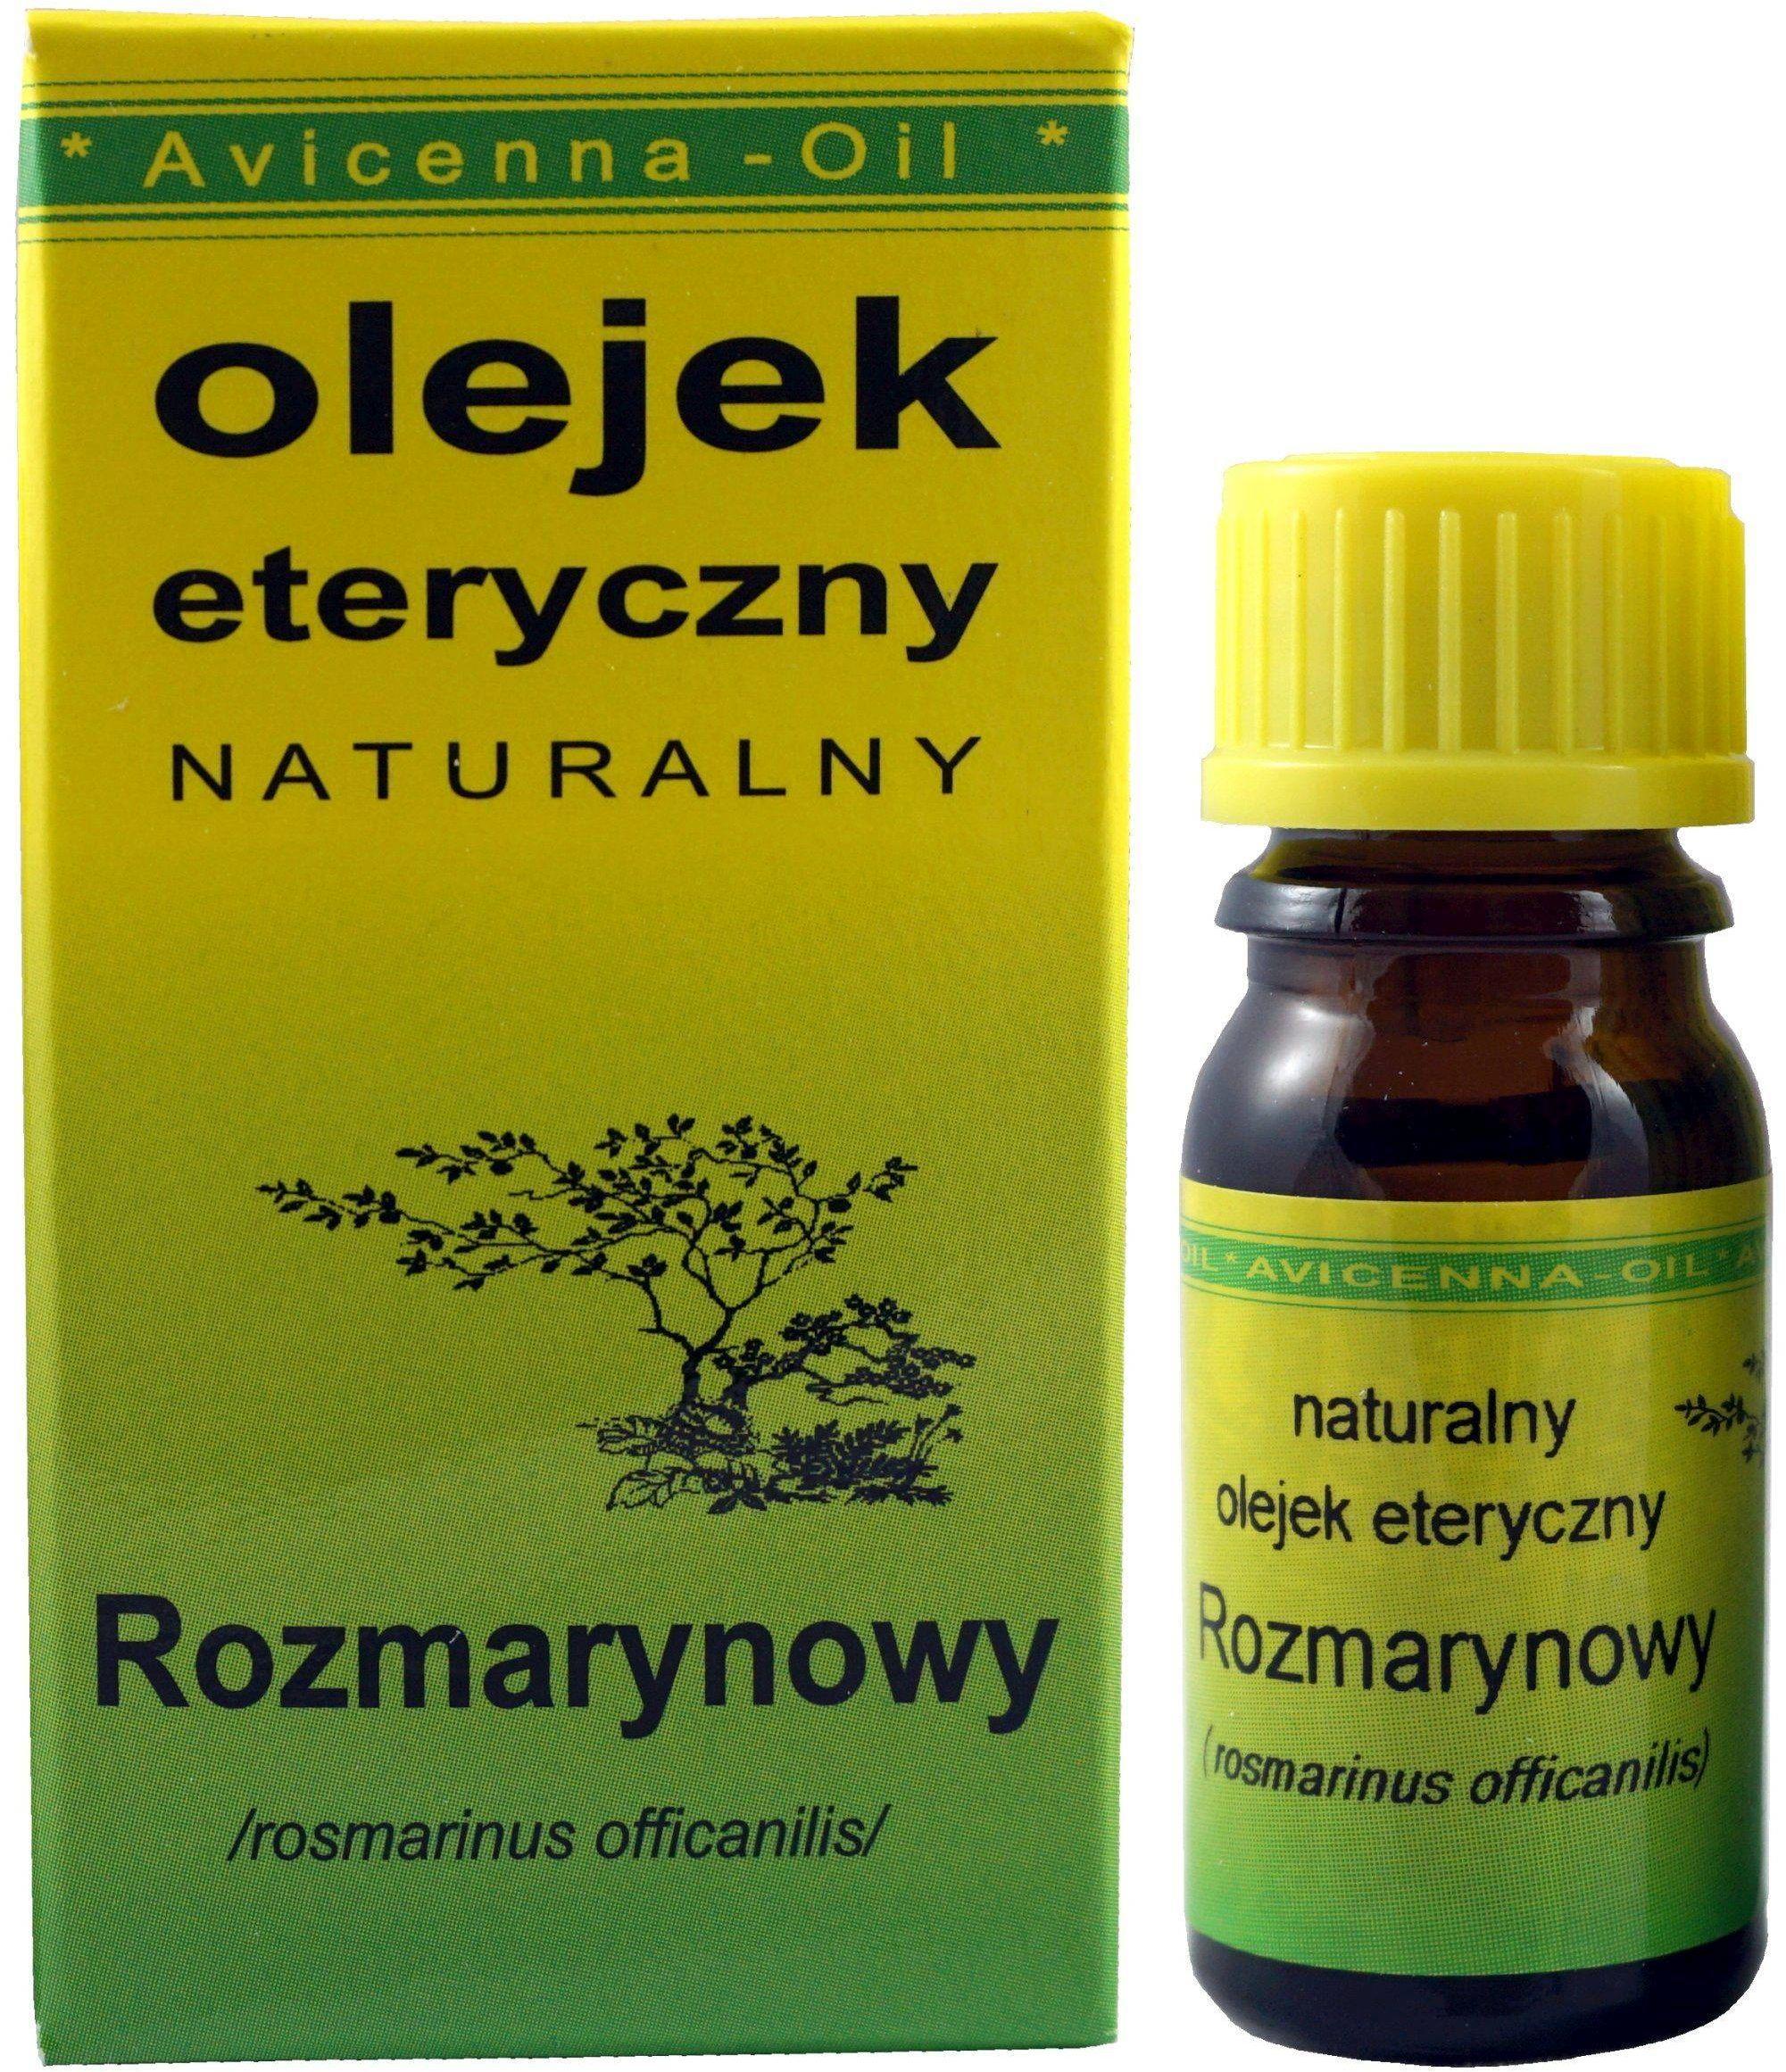 Olejek eteryczny Rozmaryn - 7ml - Avicenna Oil